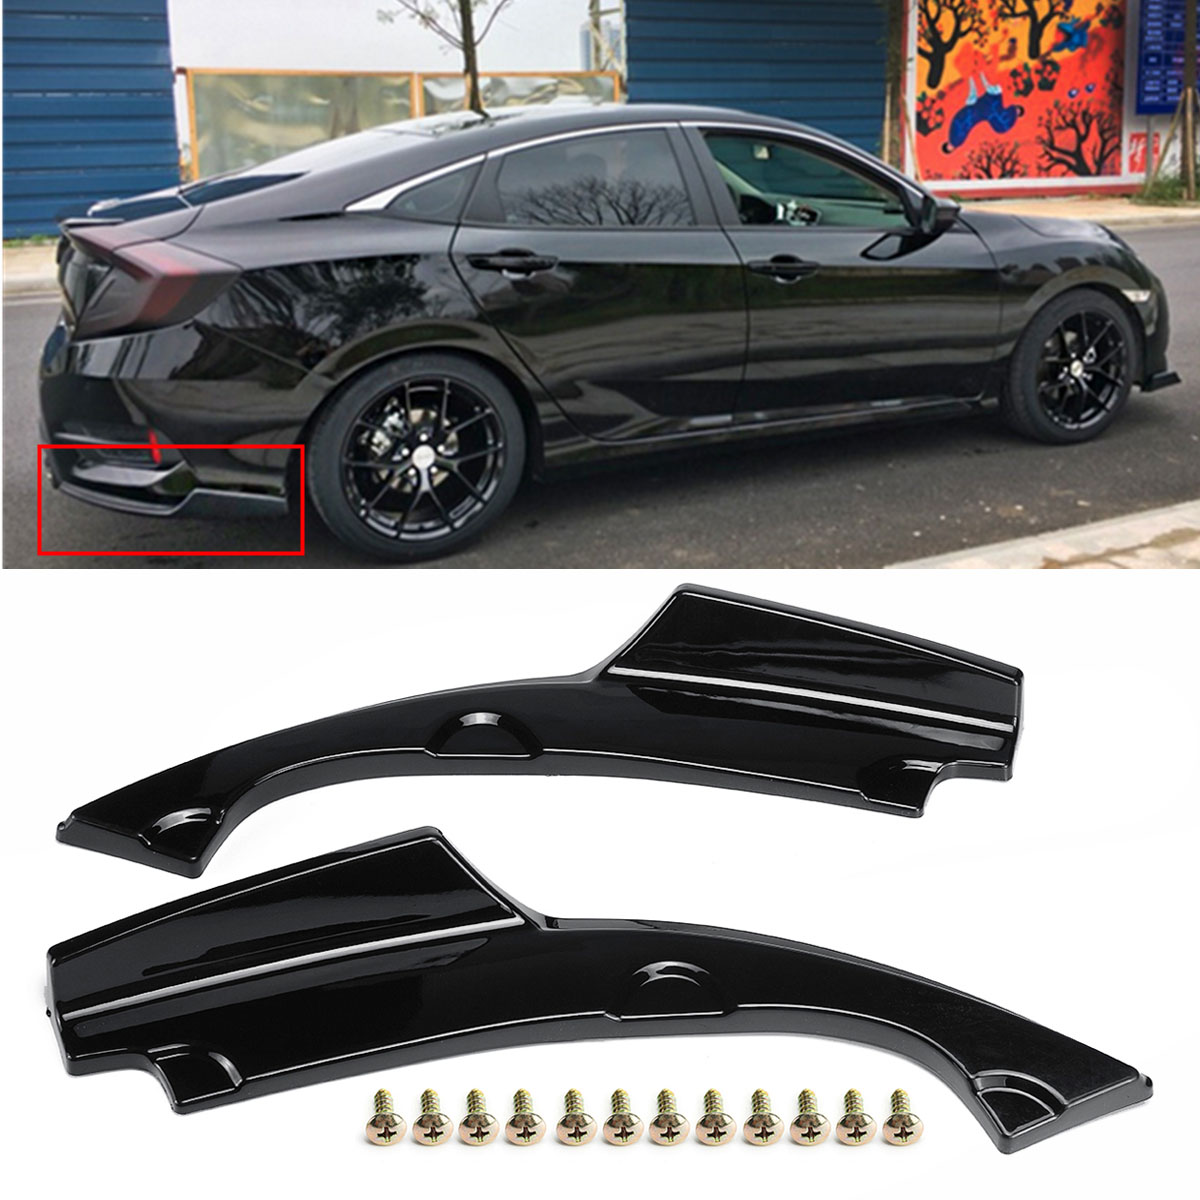 2 sztuk tylny zderzak samochodowy dolny narożnik Valance obejmuje Splitter spoilery fartuch rogu Valance dla Honda dla Civic 4DR 2016-2018